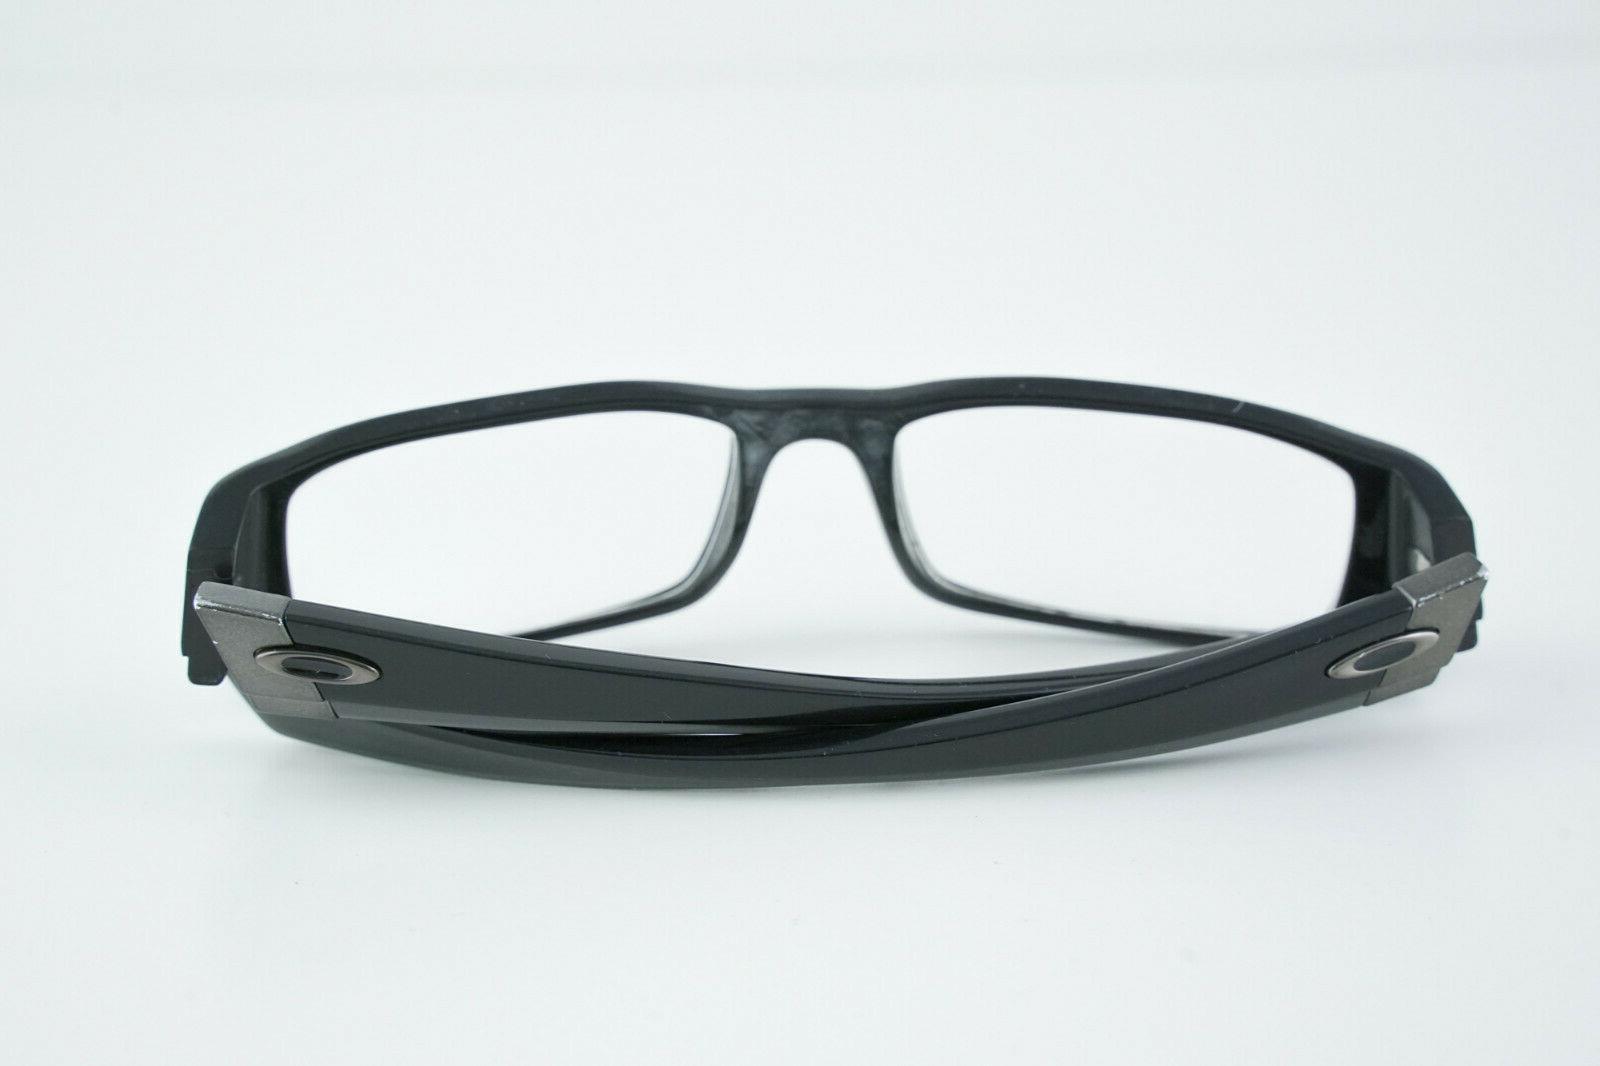 Oakley GASKET Eye Glasses